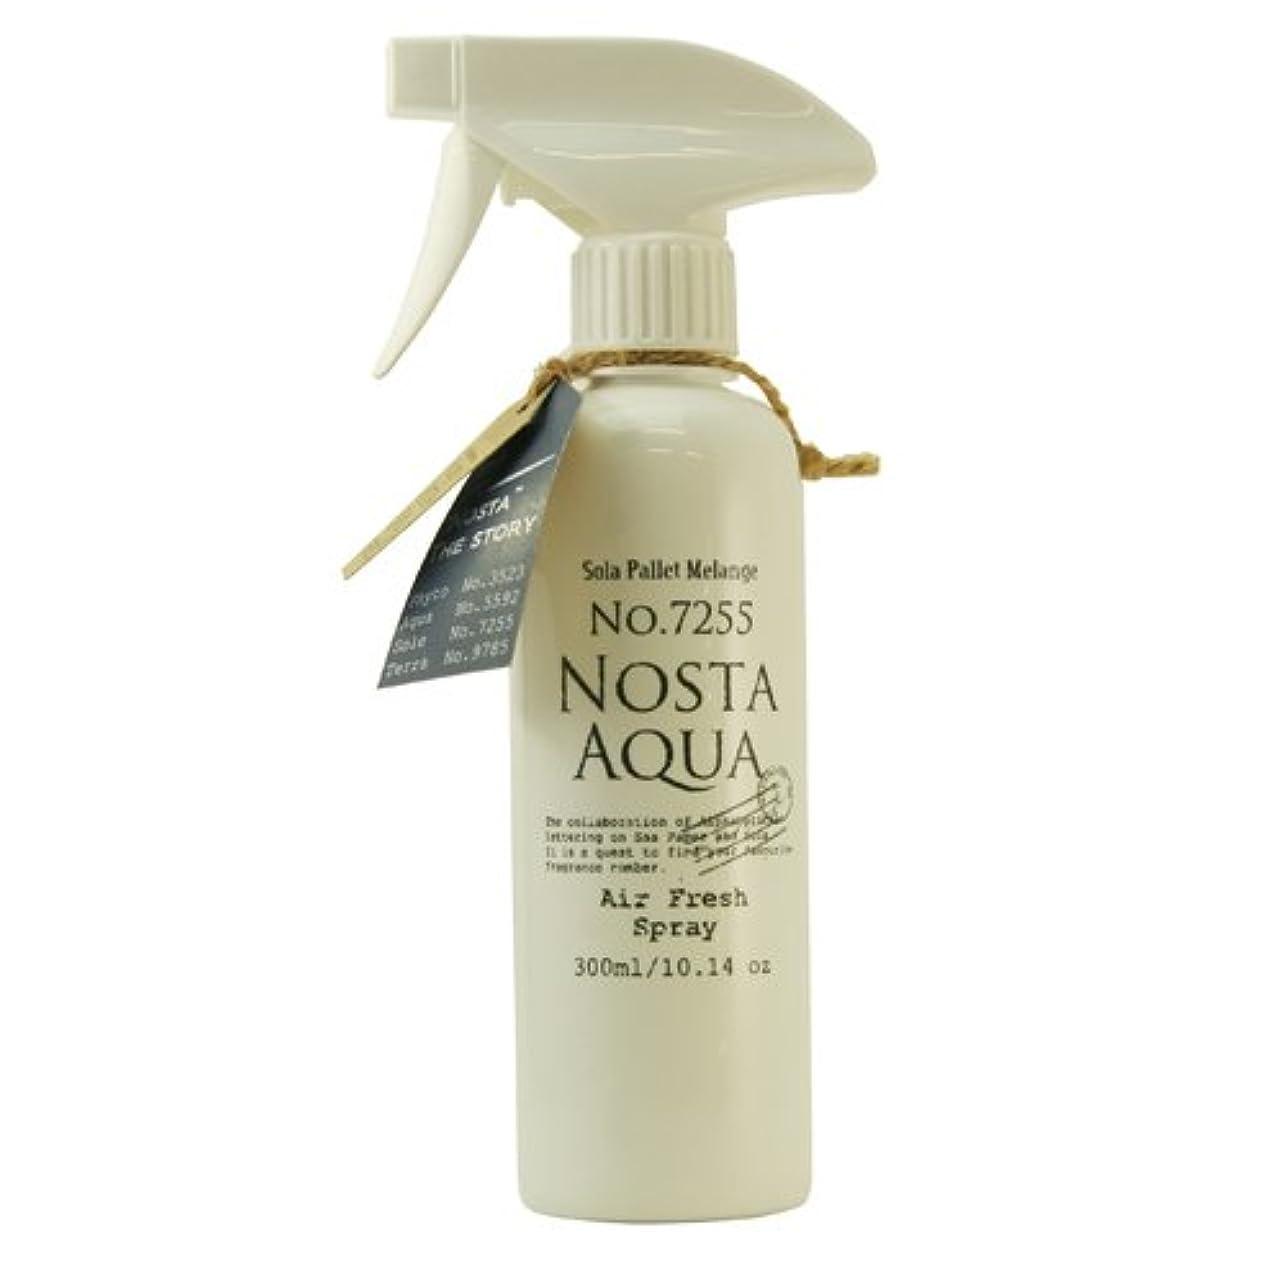 自己殺します子犬Nosta ノスタ Air Fresh Spray エアーフレッシュスプレー(ルームスプレー)Aqua アクア / 生命の起源